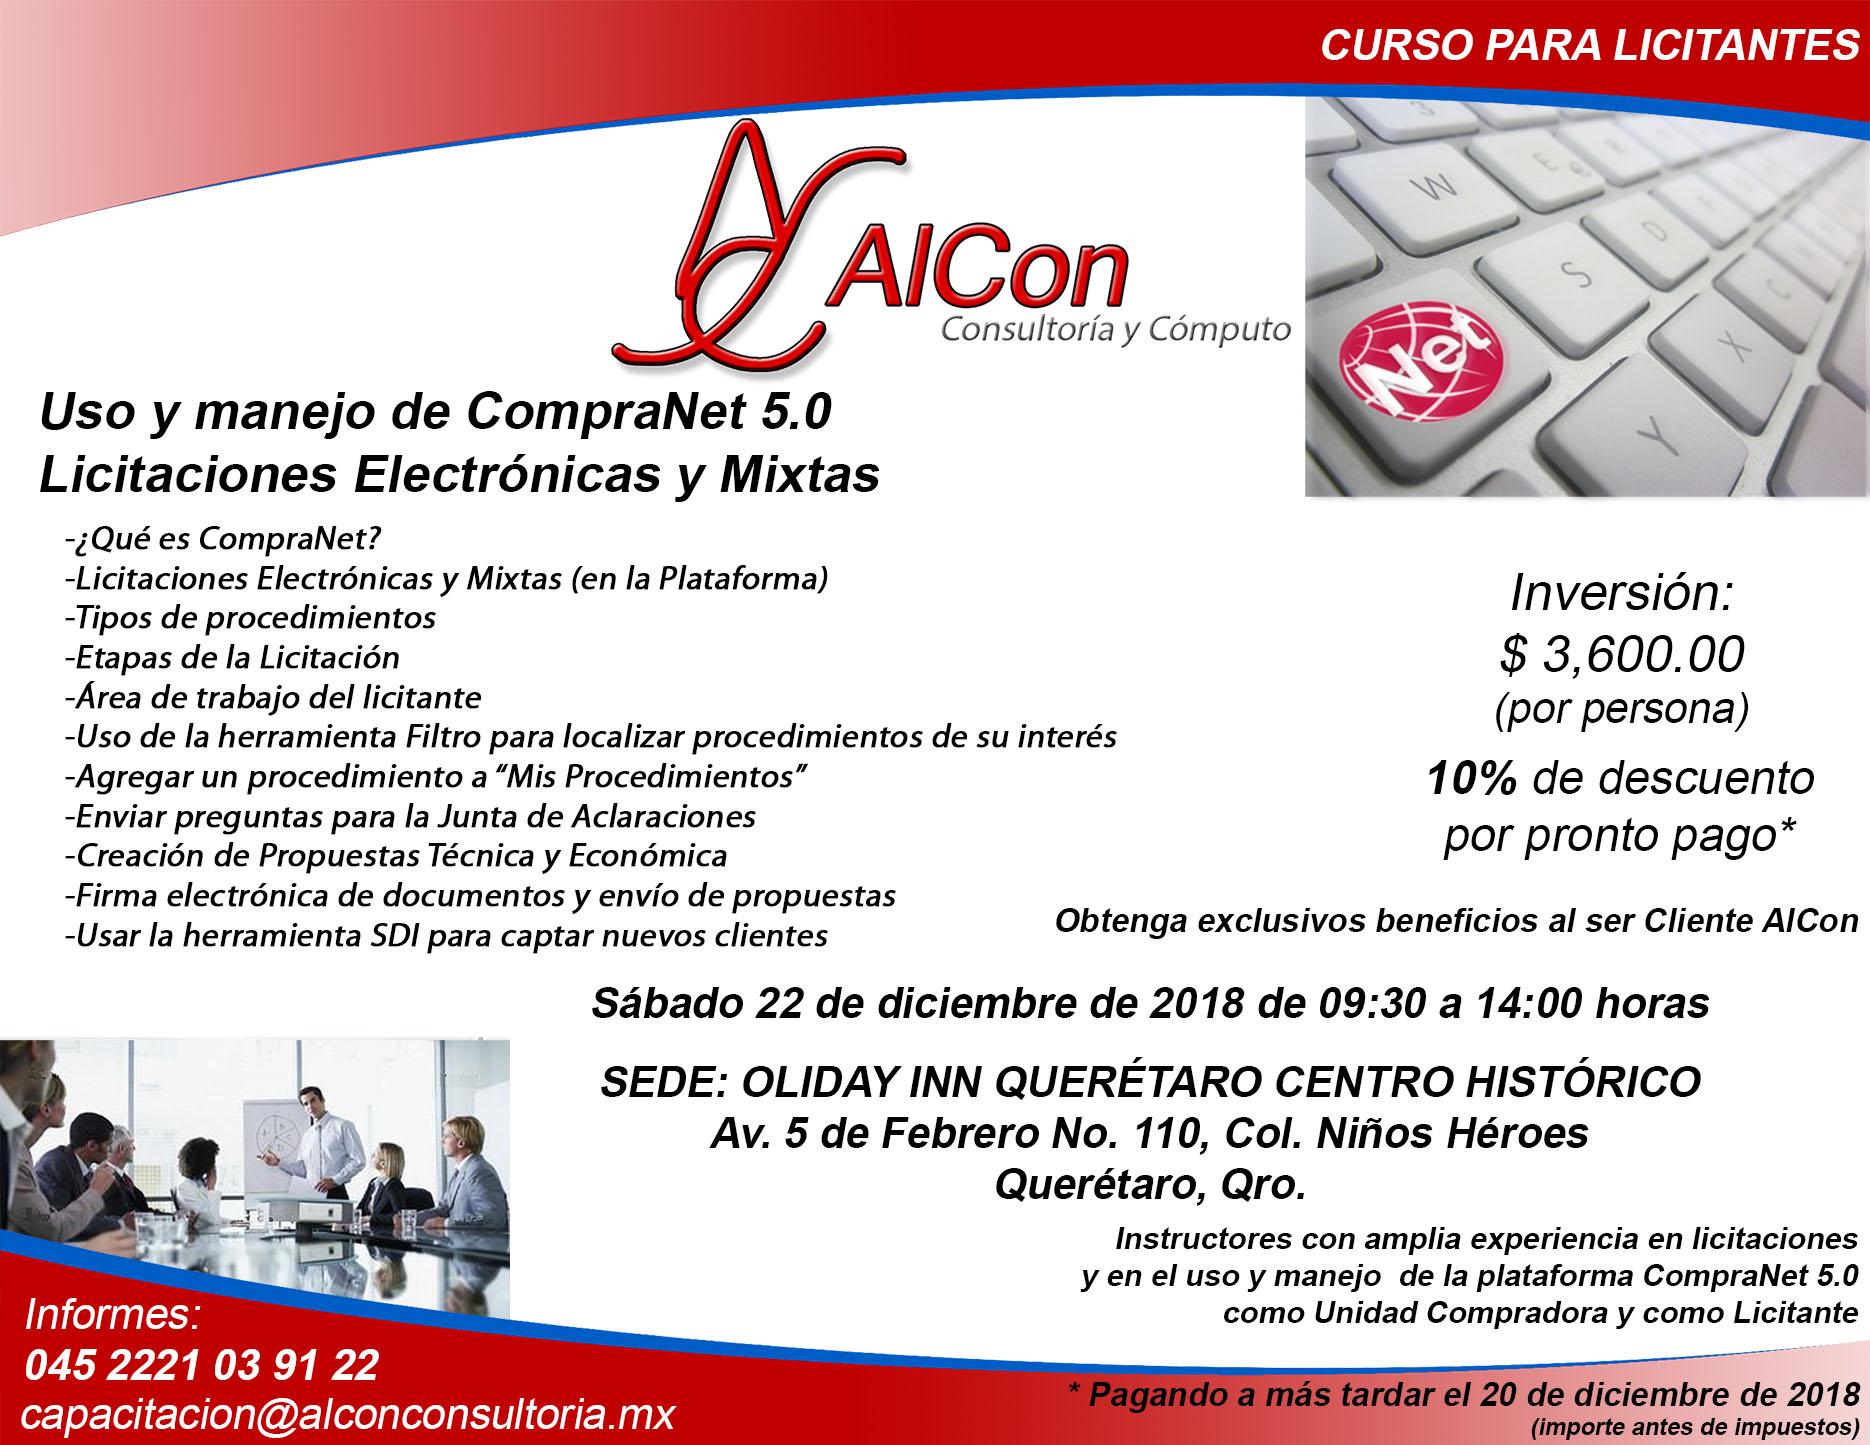 Curso CompraNet 5.0 para licititantes, Querétaro, Qro.